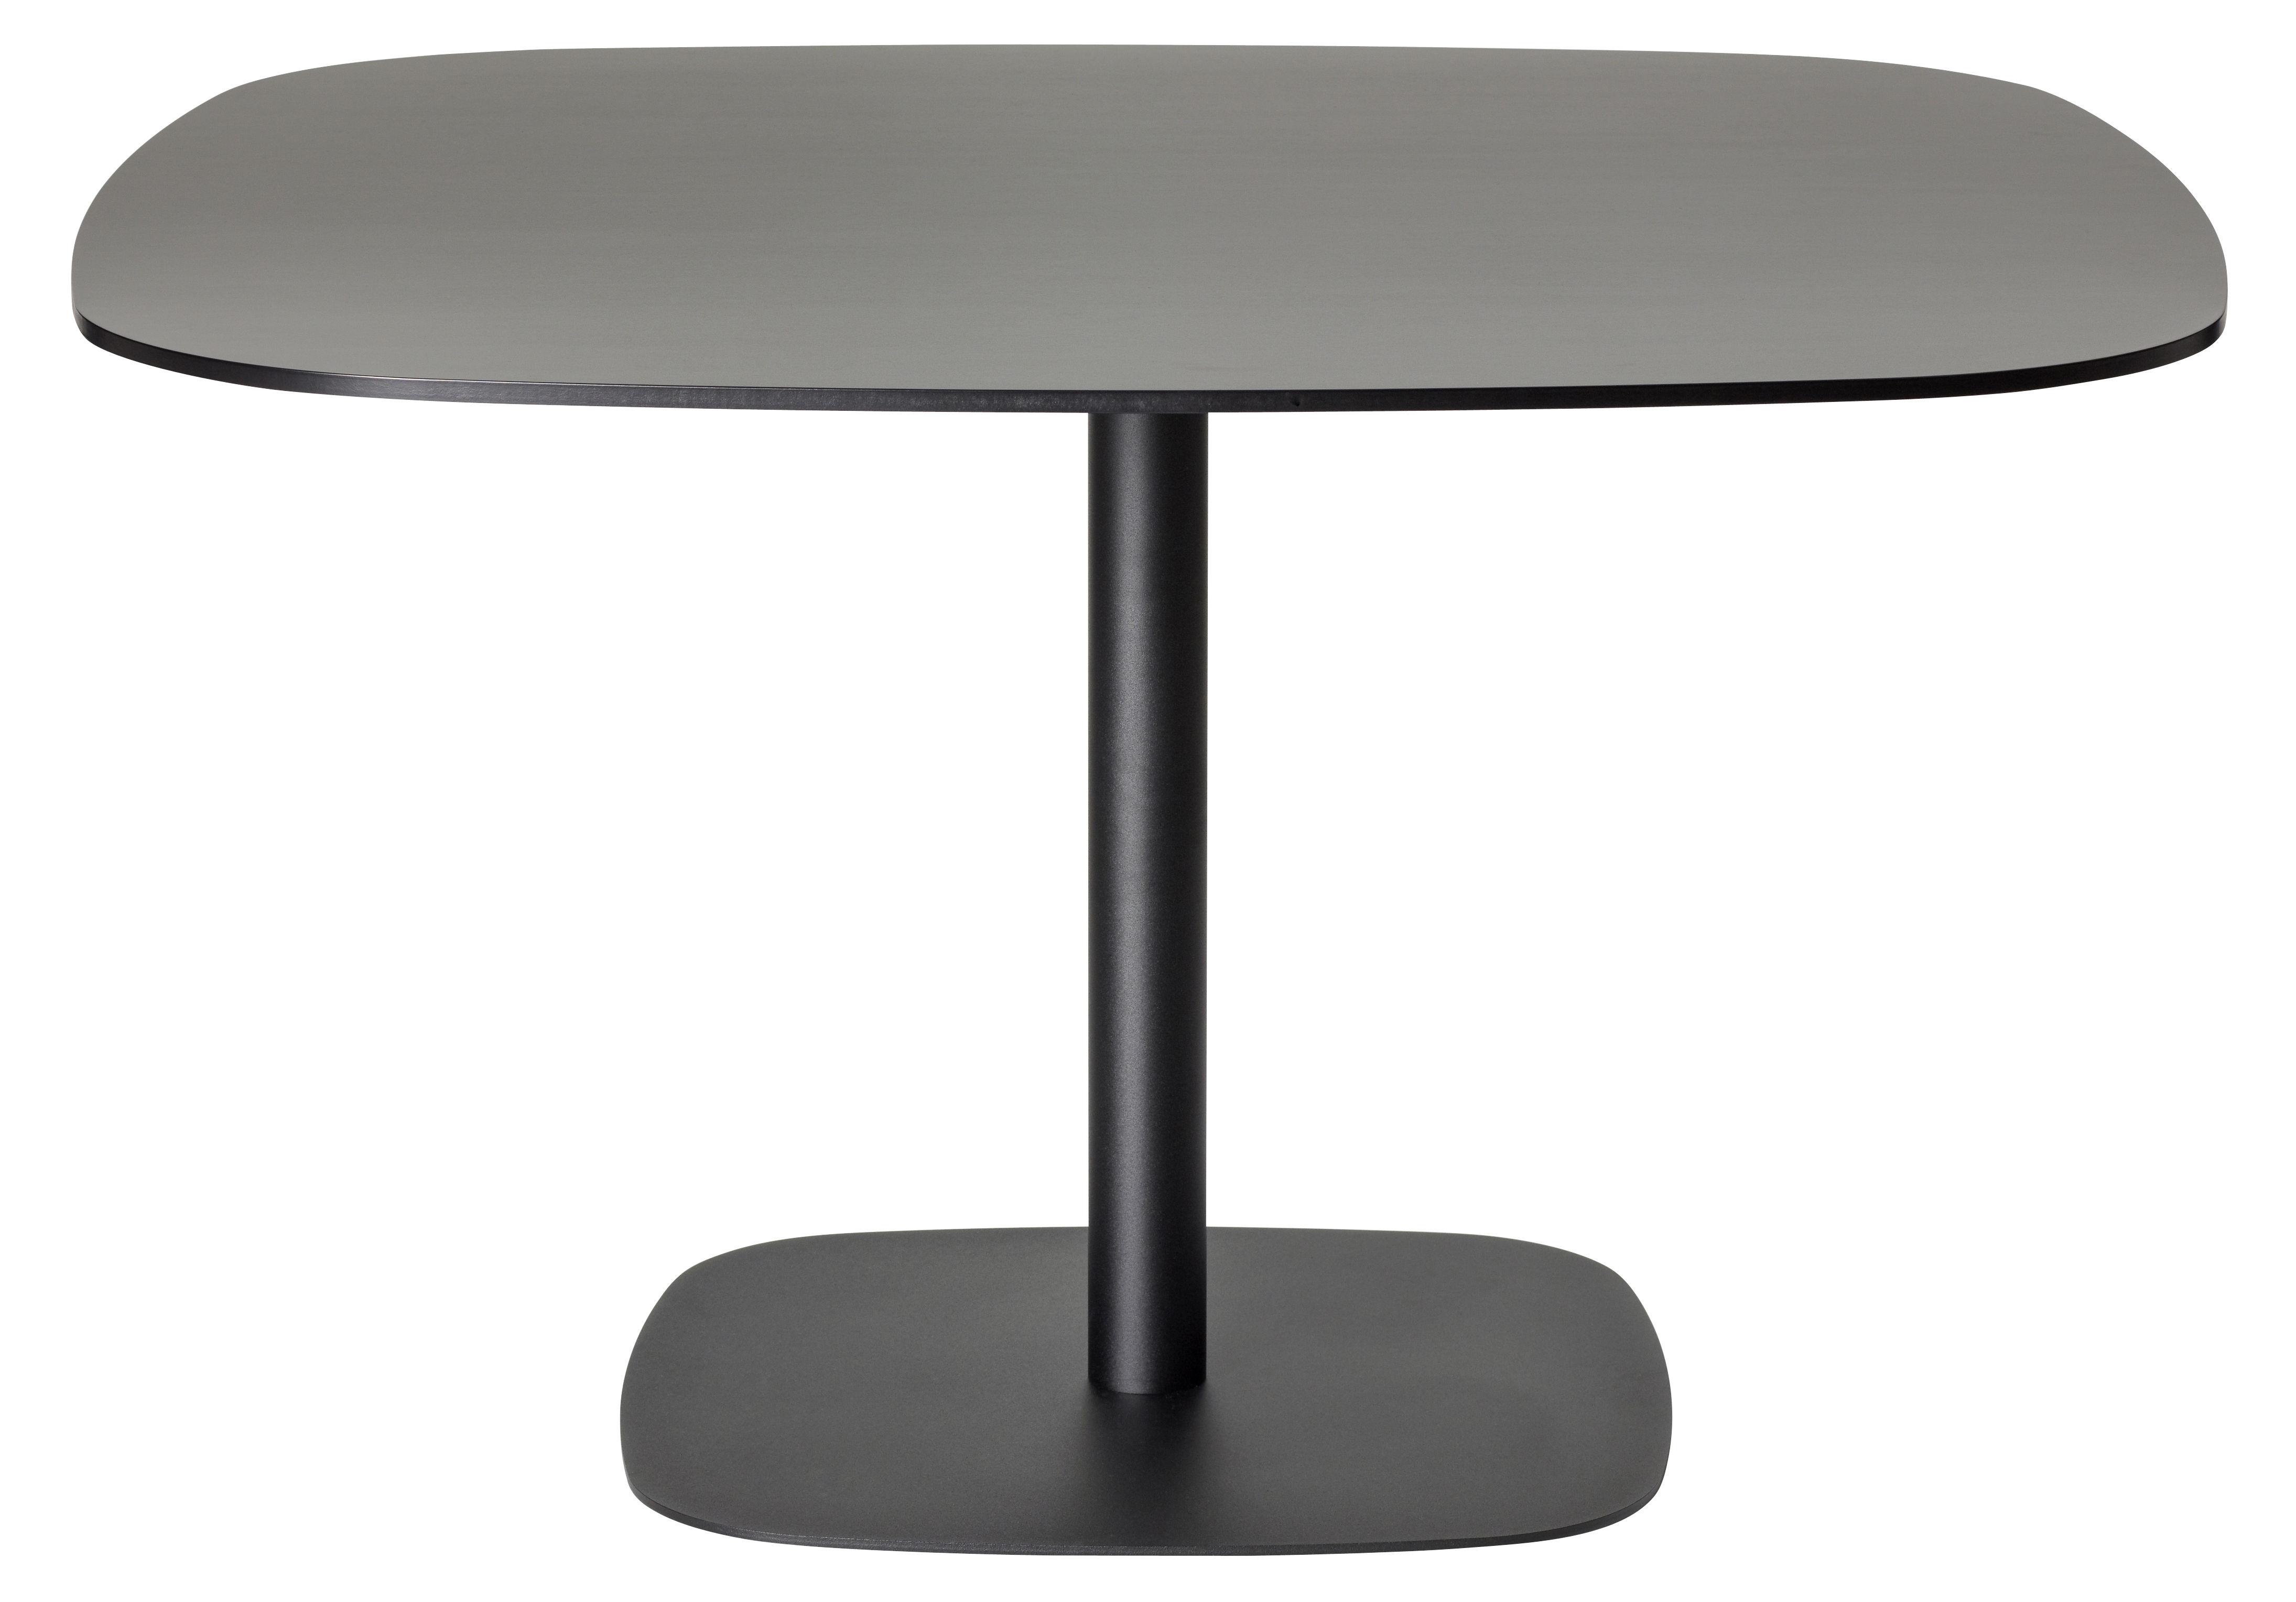 Mobilier - Tables - Table carrée Nobis / 90x90 cm - Offecct - Noir - 90x90 cm - Contreplaqué compact, Métal laqué